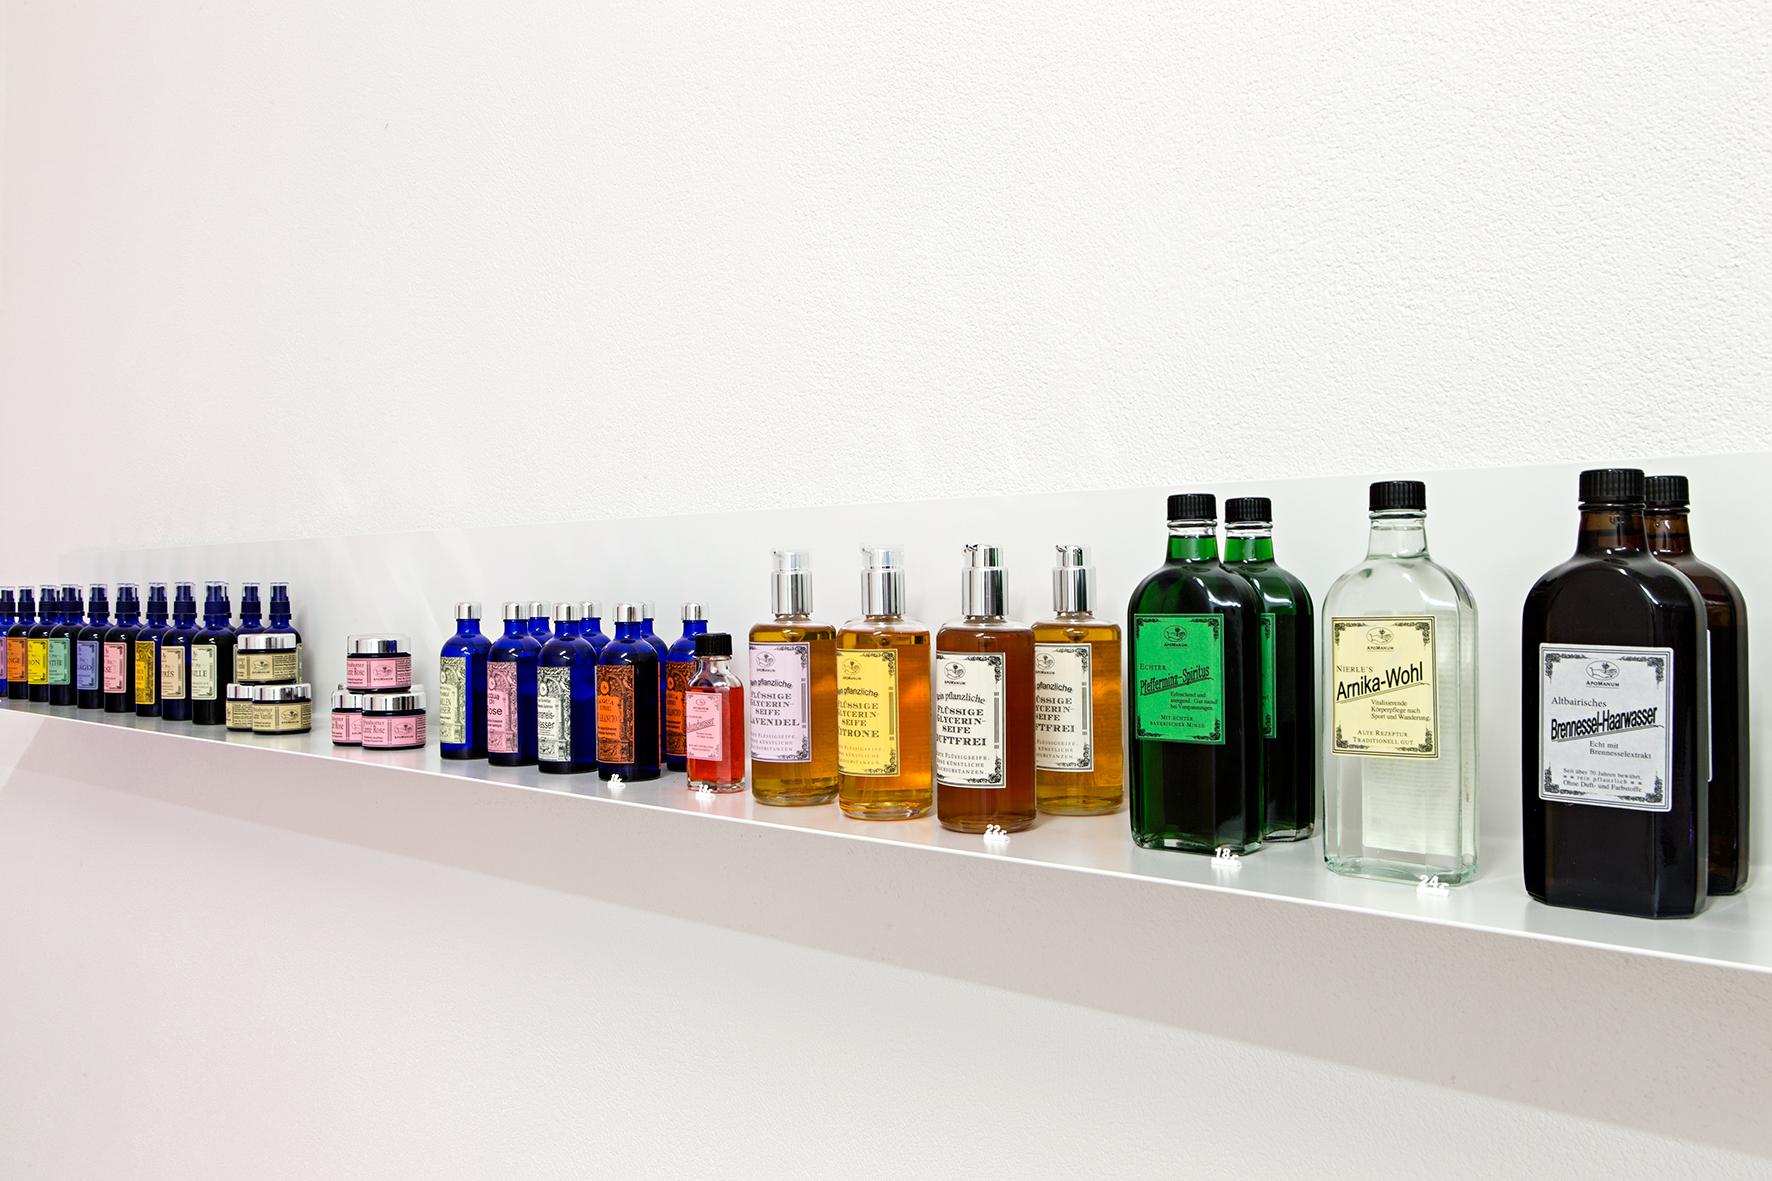 Apothekerflasche gefällig? Produkte von Apomanum.